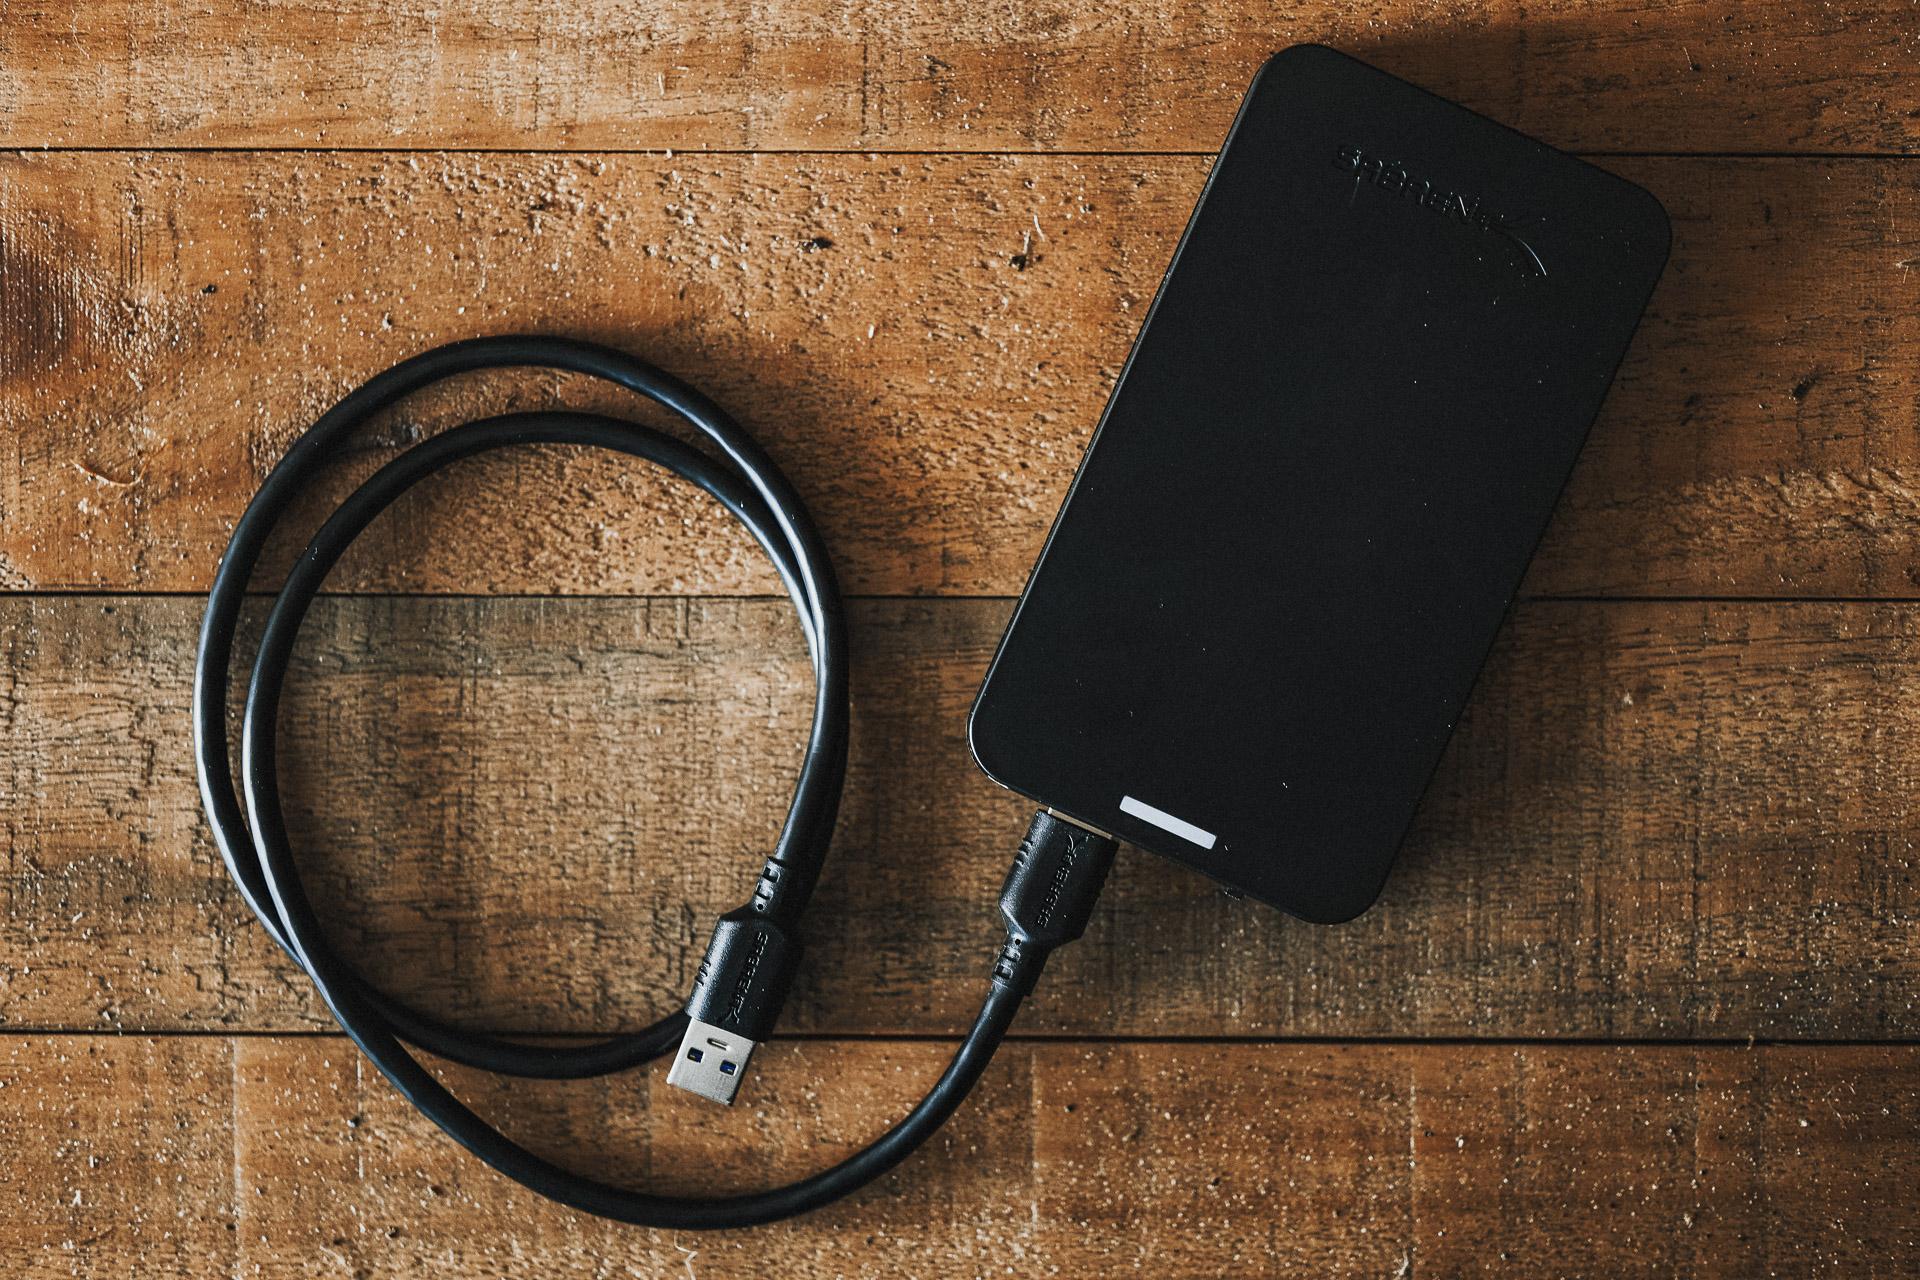 Sabrent USB 3.0 - SSD Enclosure